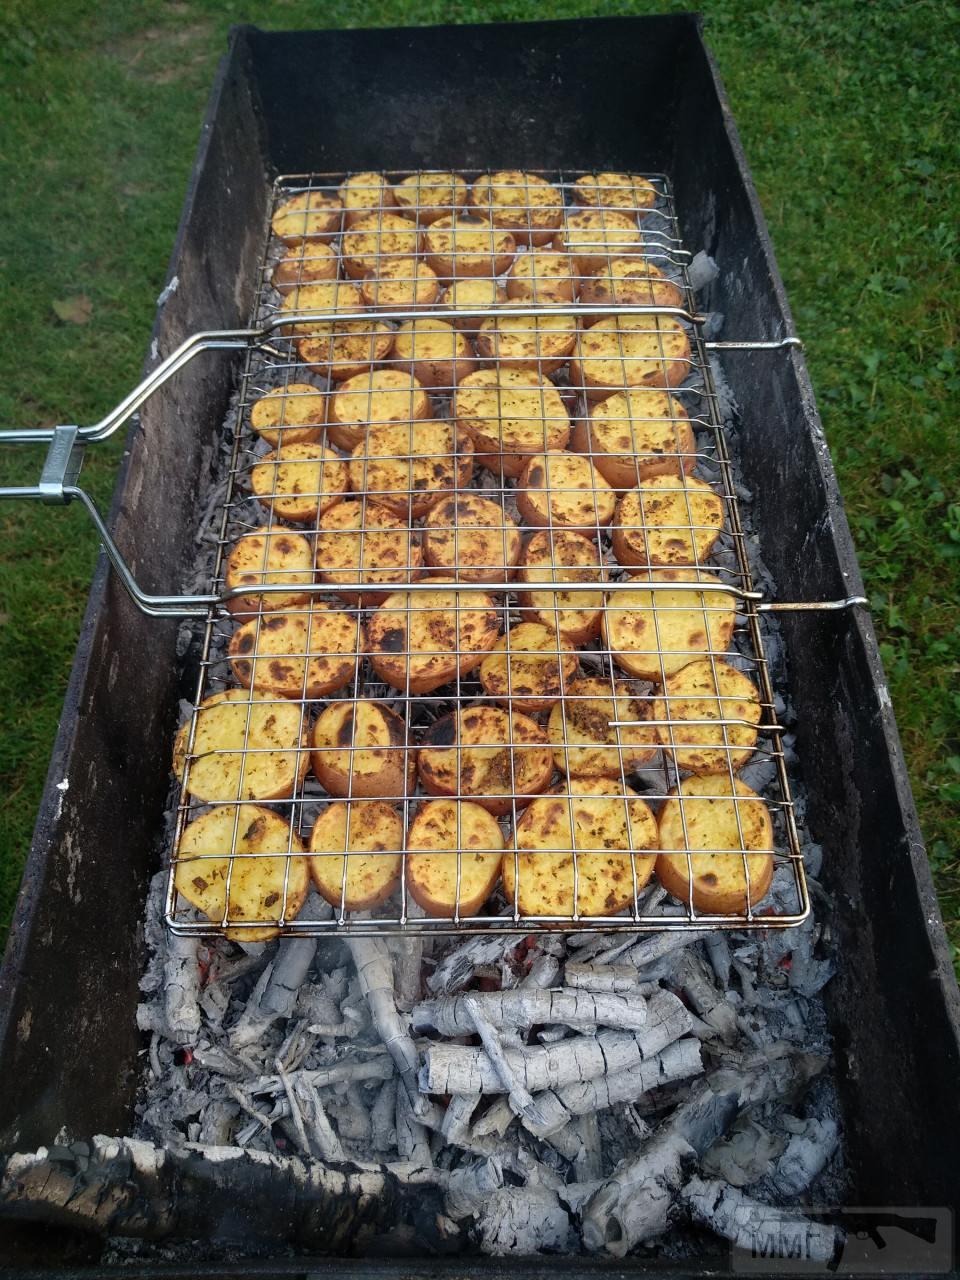 112264 - Закуски на огне (мангал, барбекю и т.д.) и кулинария вообще. Советы и рецепты.